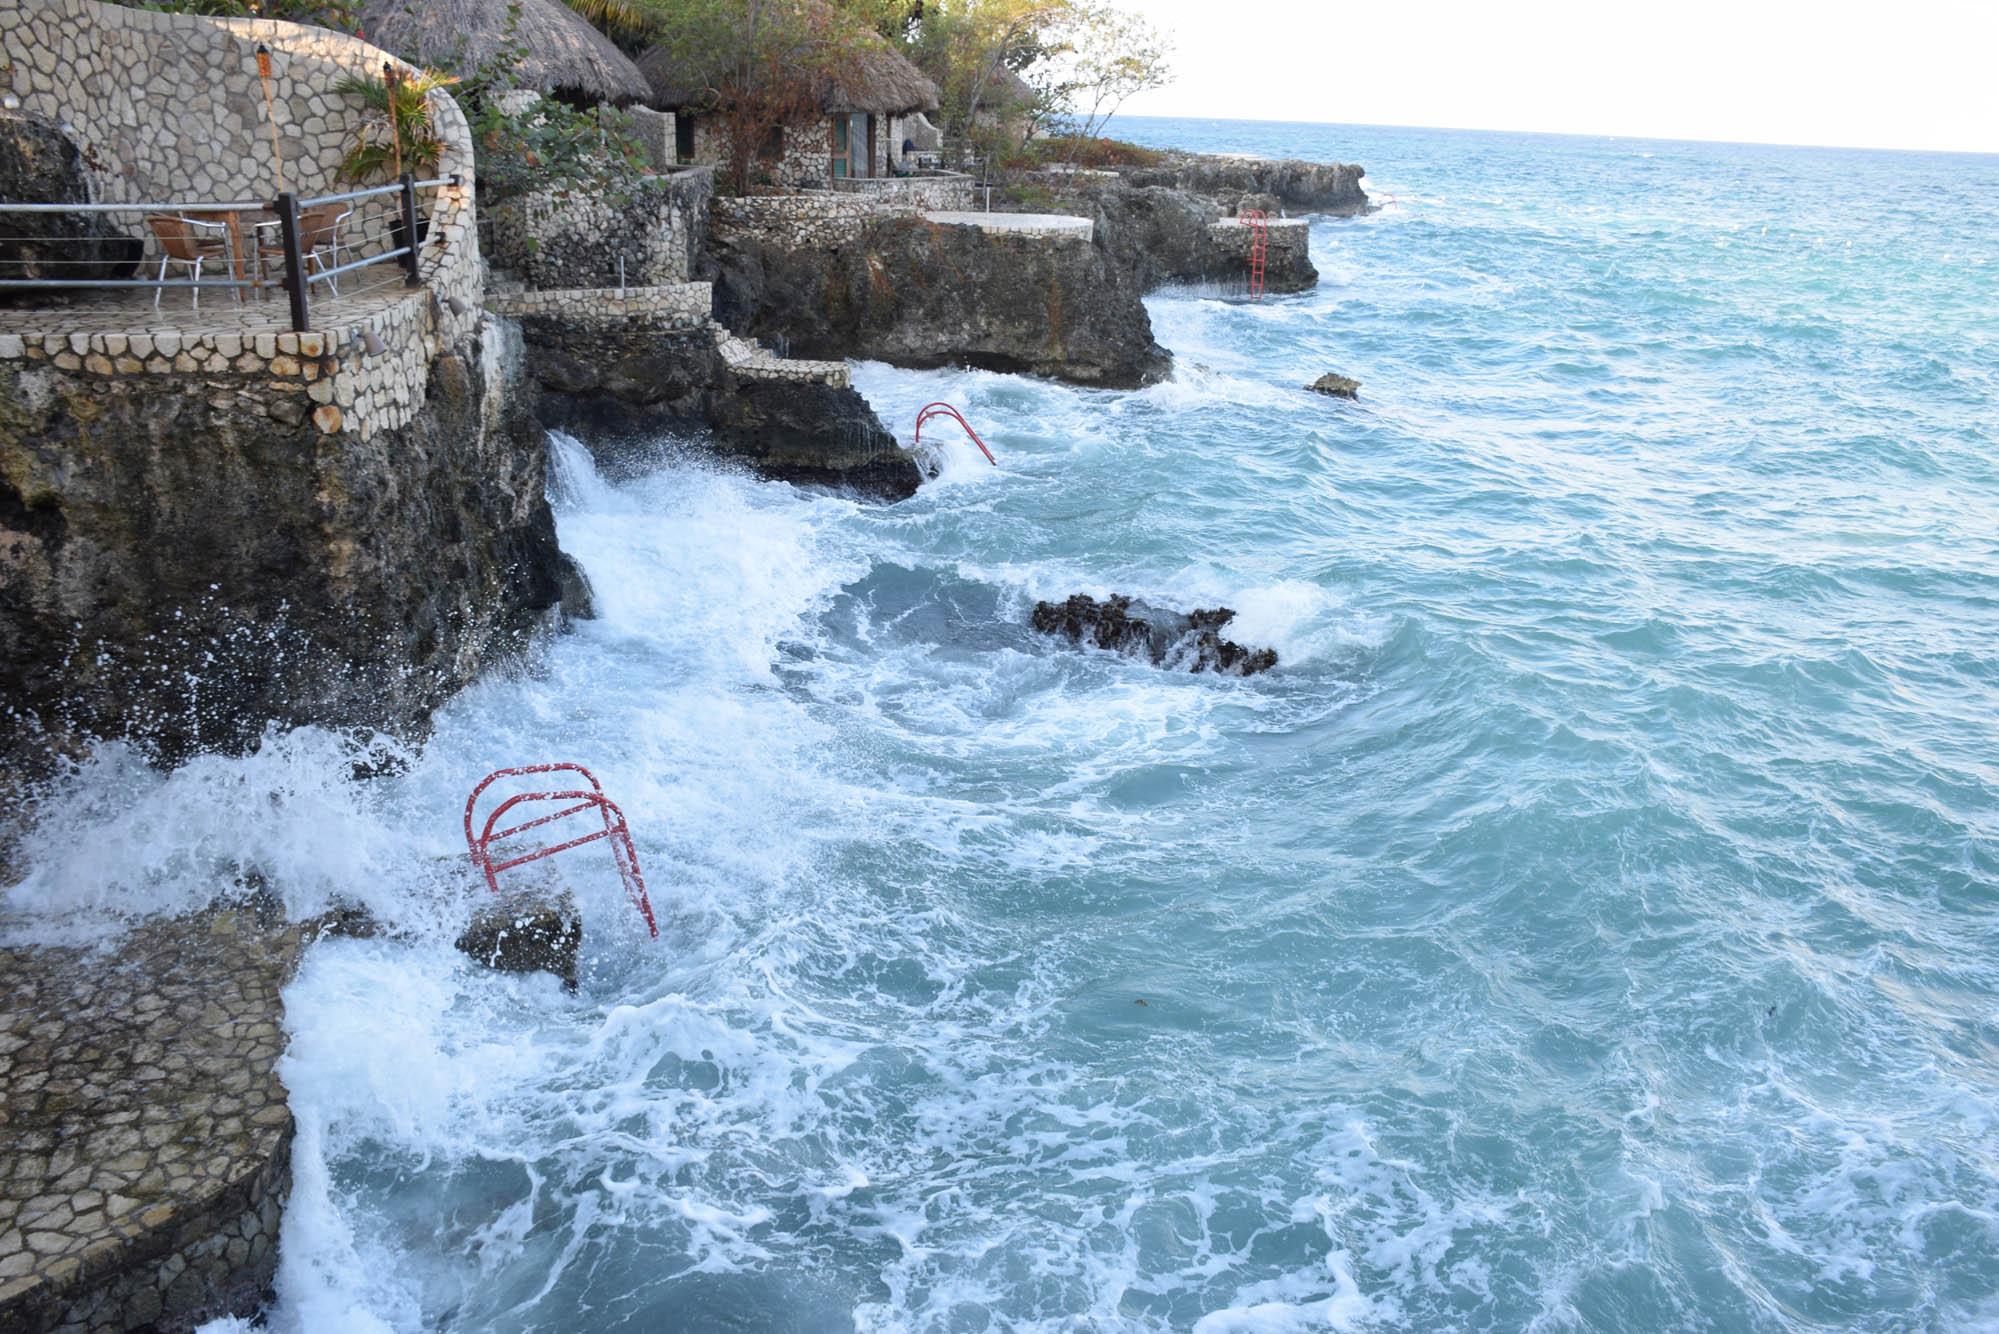 ... E um outro não tão bonito assim, com o mar SUPER agitado!!